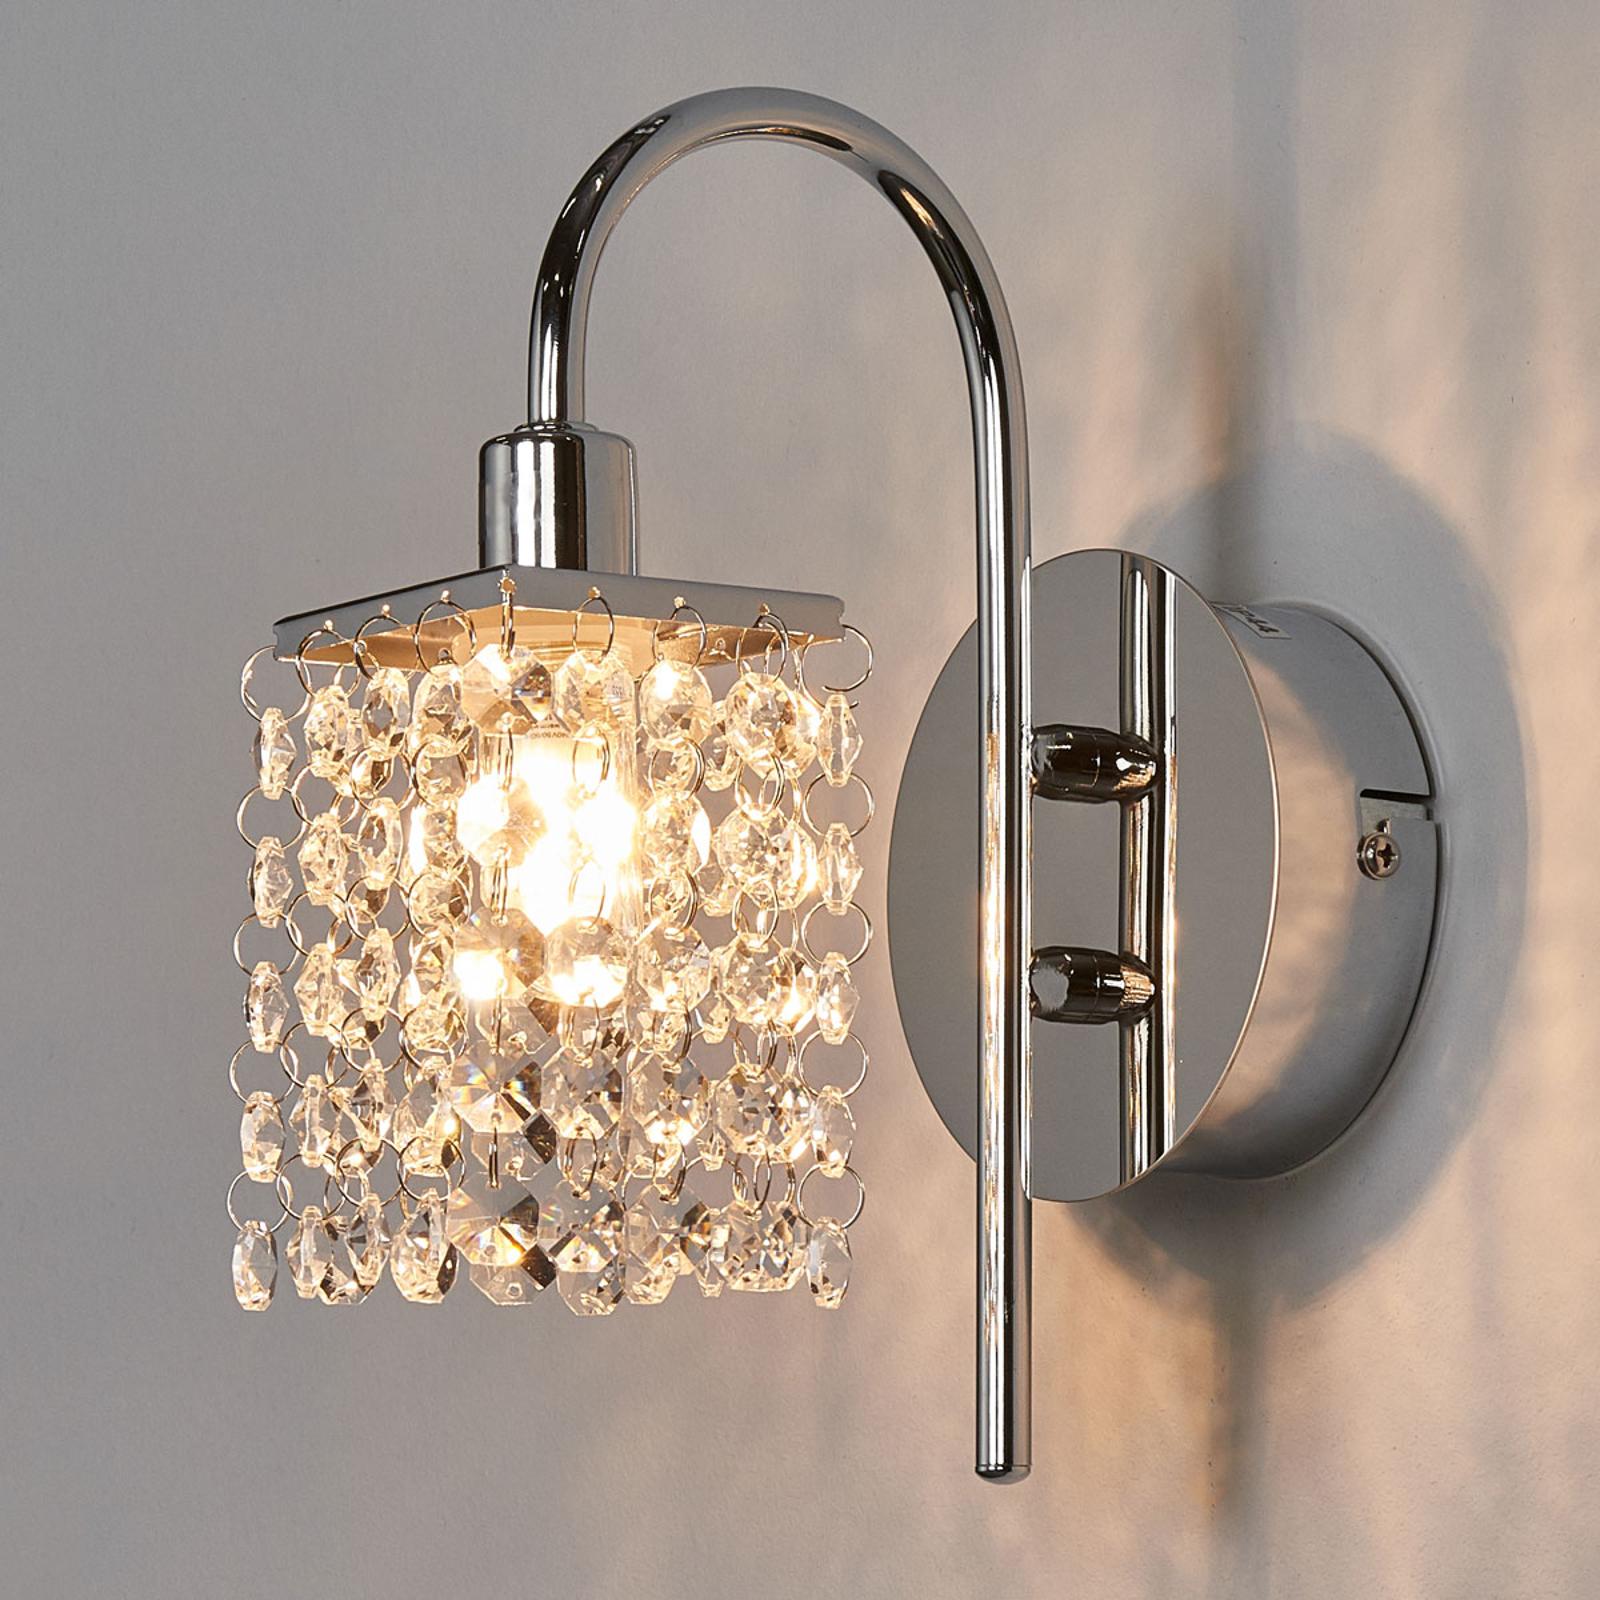 Vakker LED-vegglampe Almonte m. glasspåheng, IP44